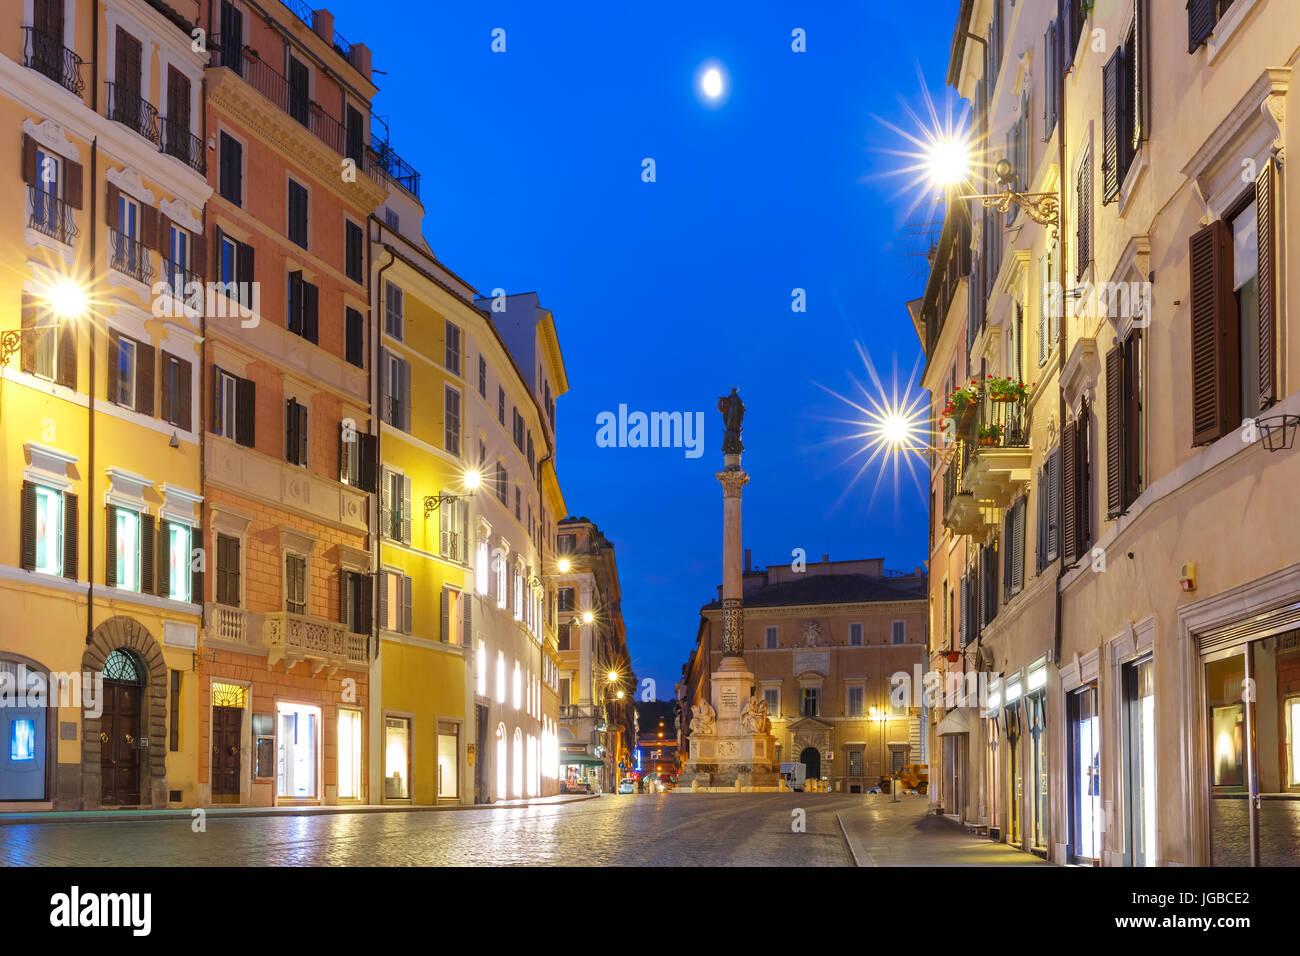 Spalte von der Unbefleckten Empfängnis, Rom, Italien. Stockbild